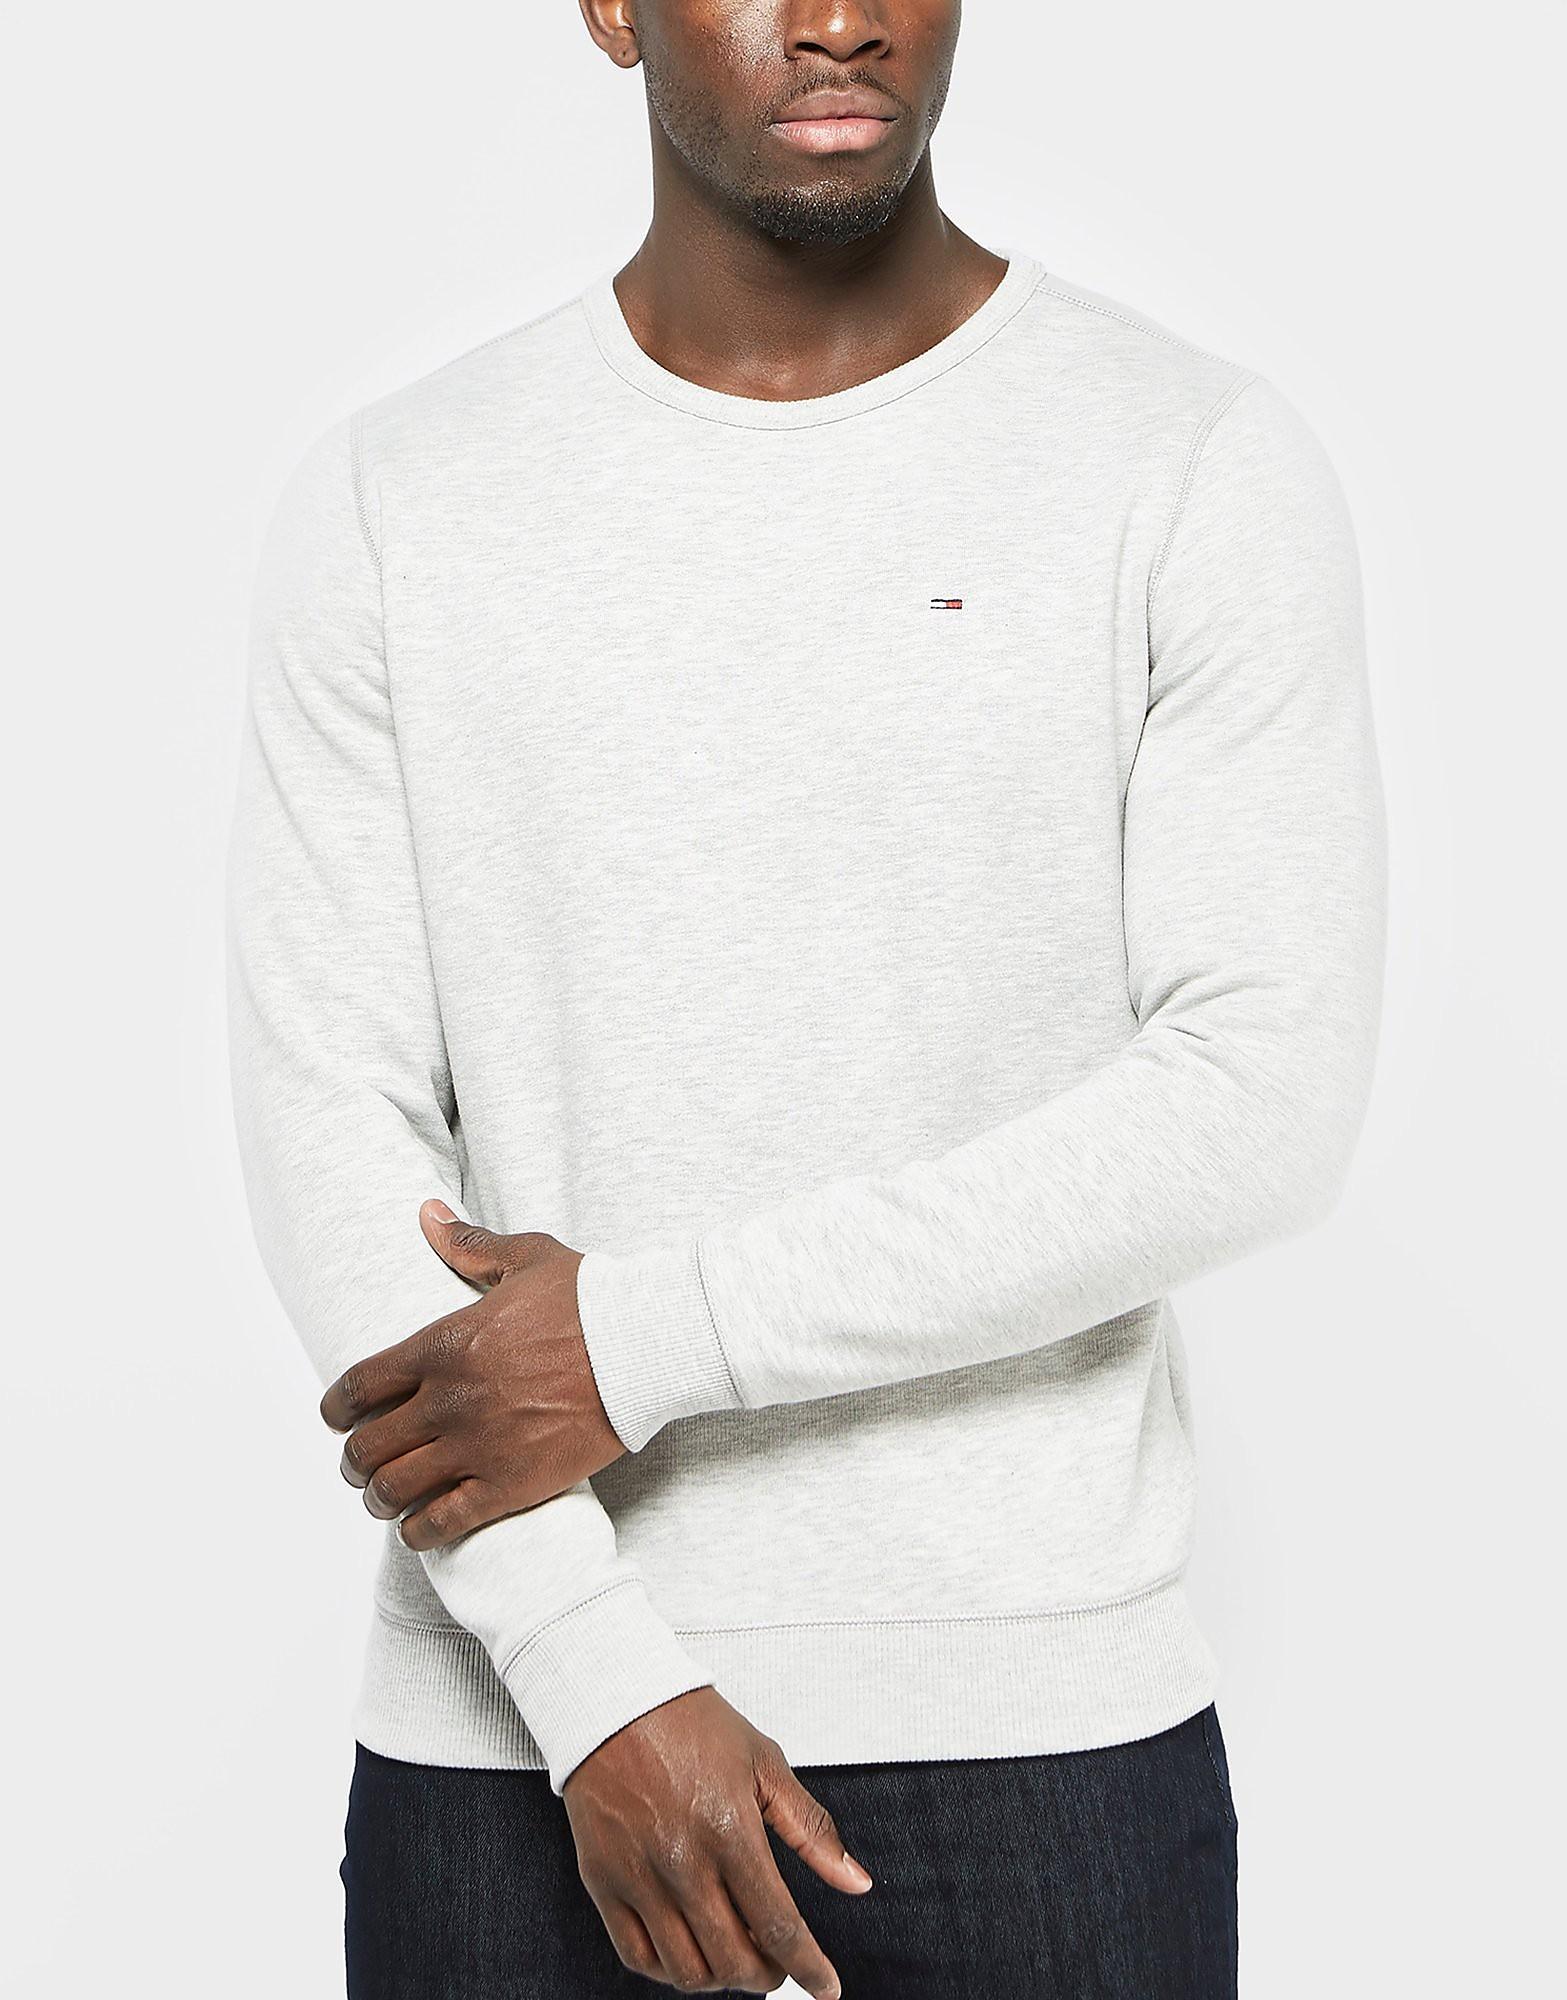 Tommy Hilfiger Original Sweatshirt